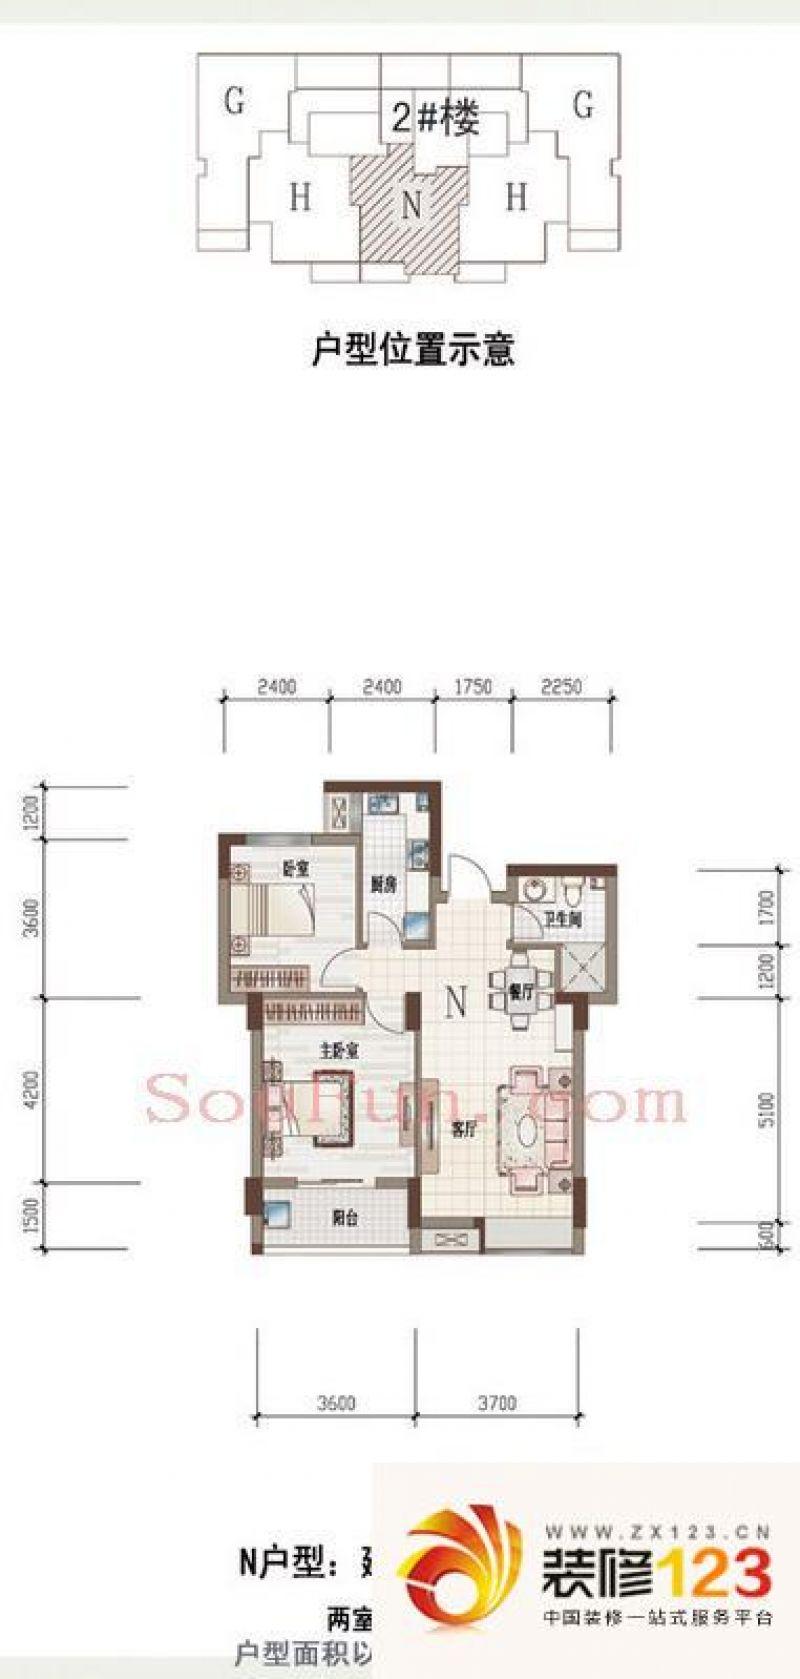 杭州金瑞风景大院金瑞风景大院户型图3室 户型图 3 .